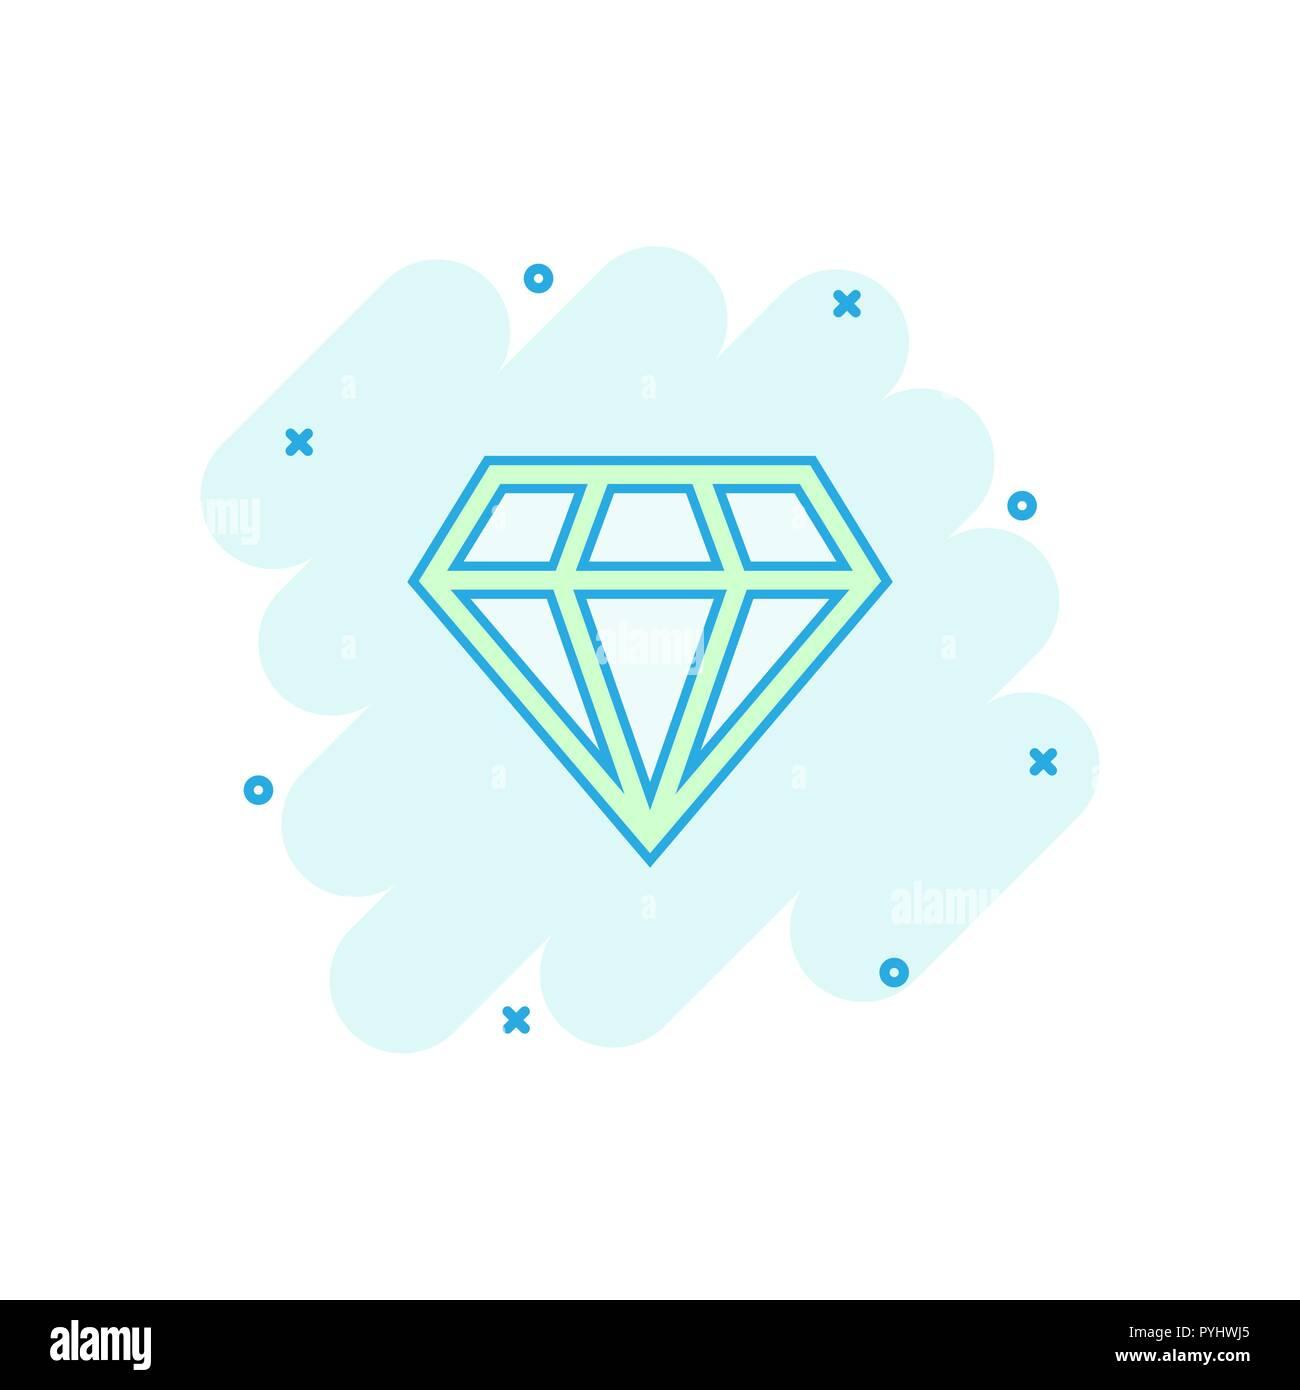 294235b613e0 Cartoon vectores diamond joya joya icono en estilo cómic. Ilustración de piedras  preciosas Diamantes pictograma